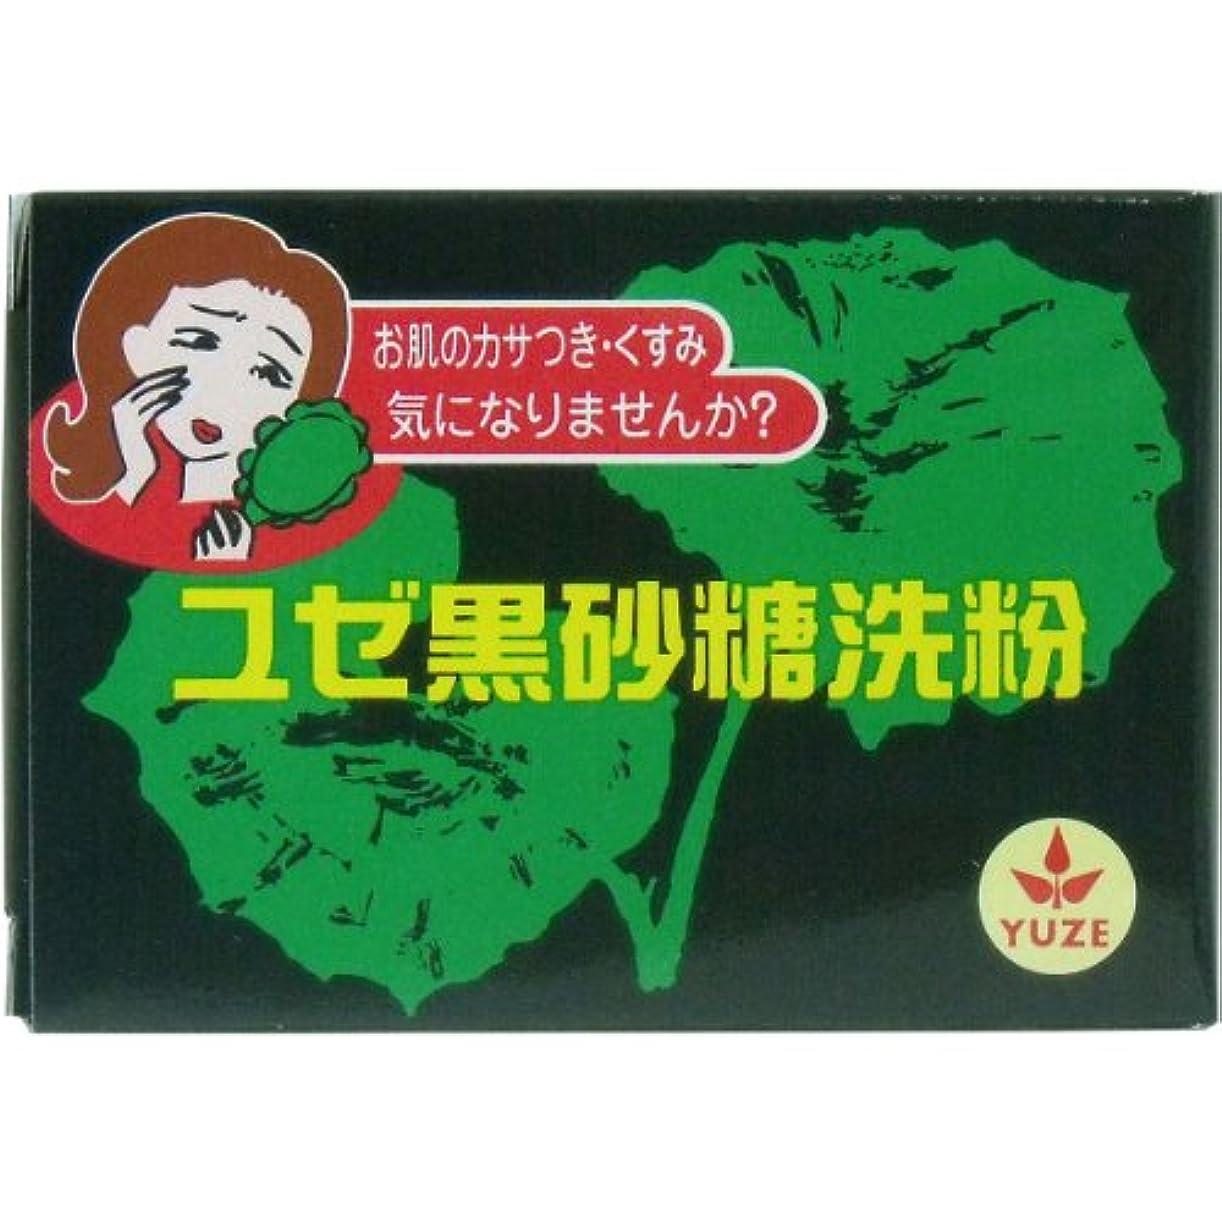 放棄された徹底汚染された【まとめ買い】ユゼ 黒砂糖洗粉 75g ×2セット